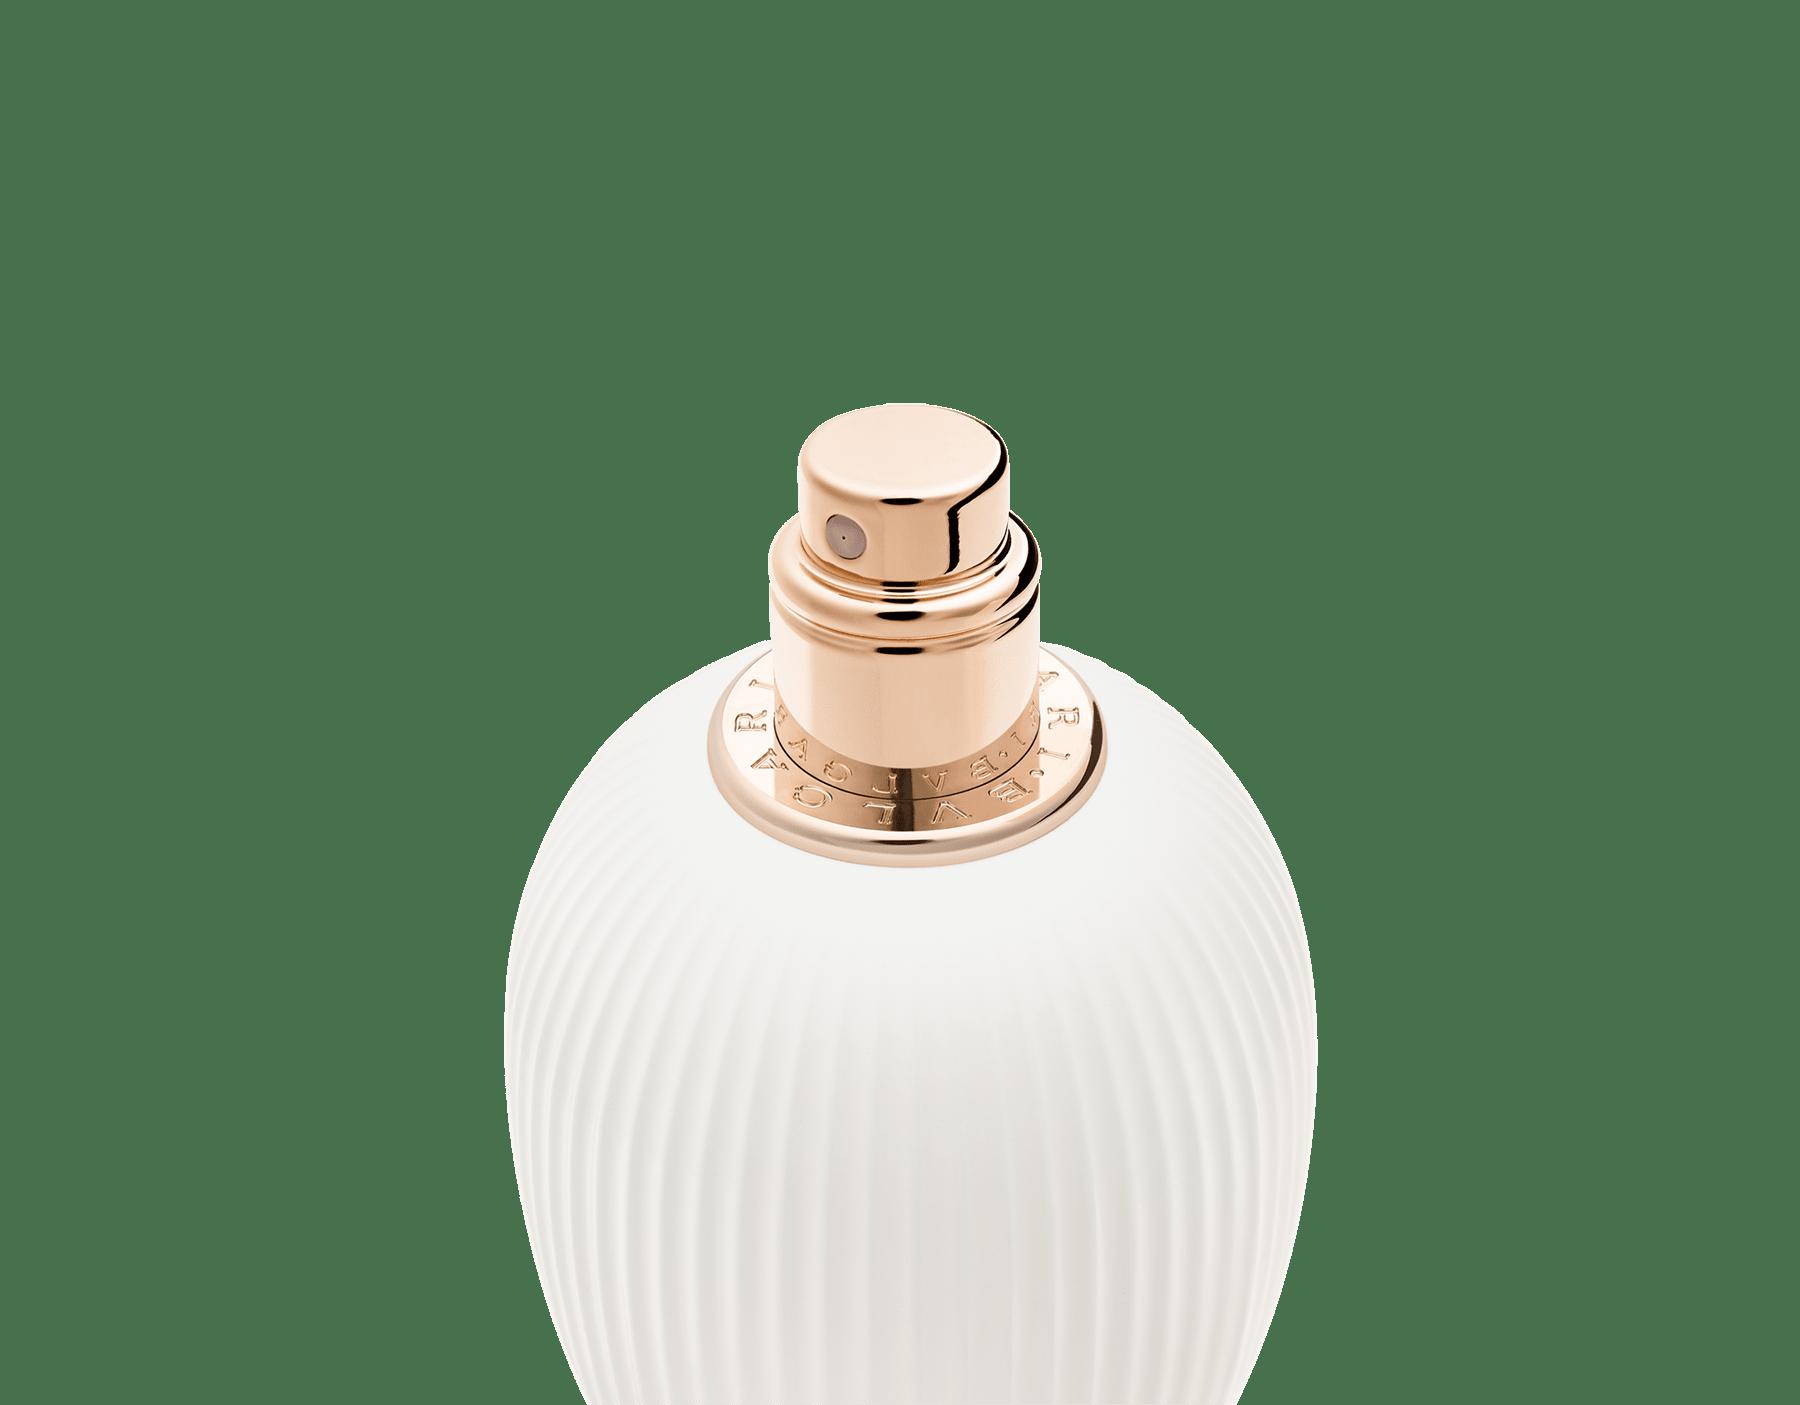 充滿活力的 Magnifying Bergamot 讓您的淡香精散發清新香息。<br>#放大更多喜悅 41277 image 3